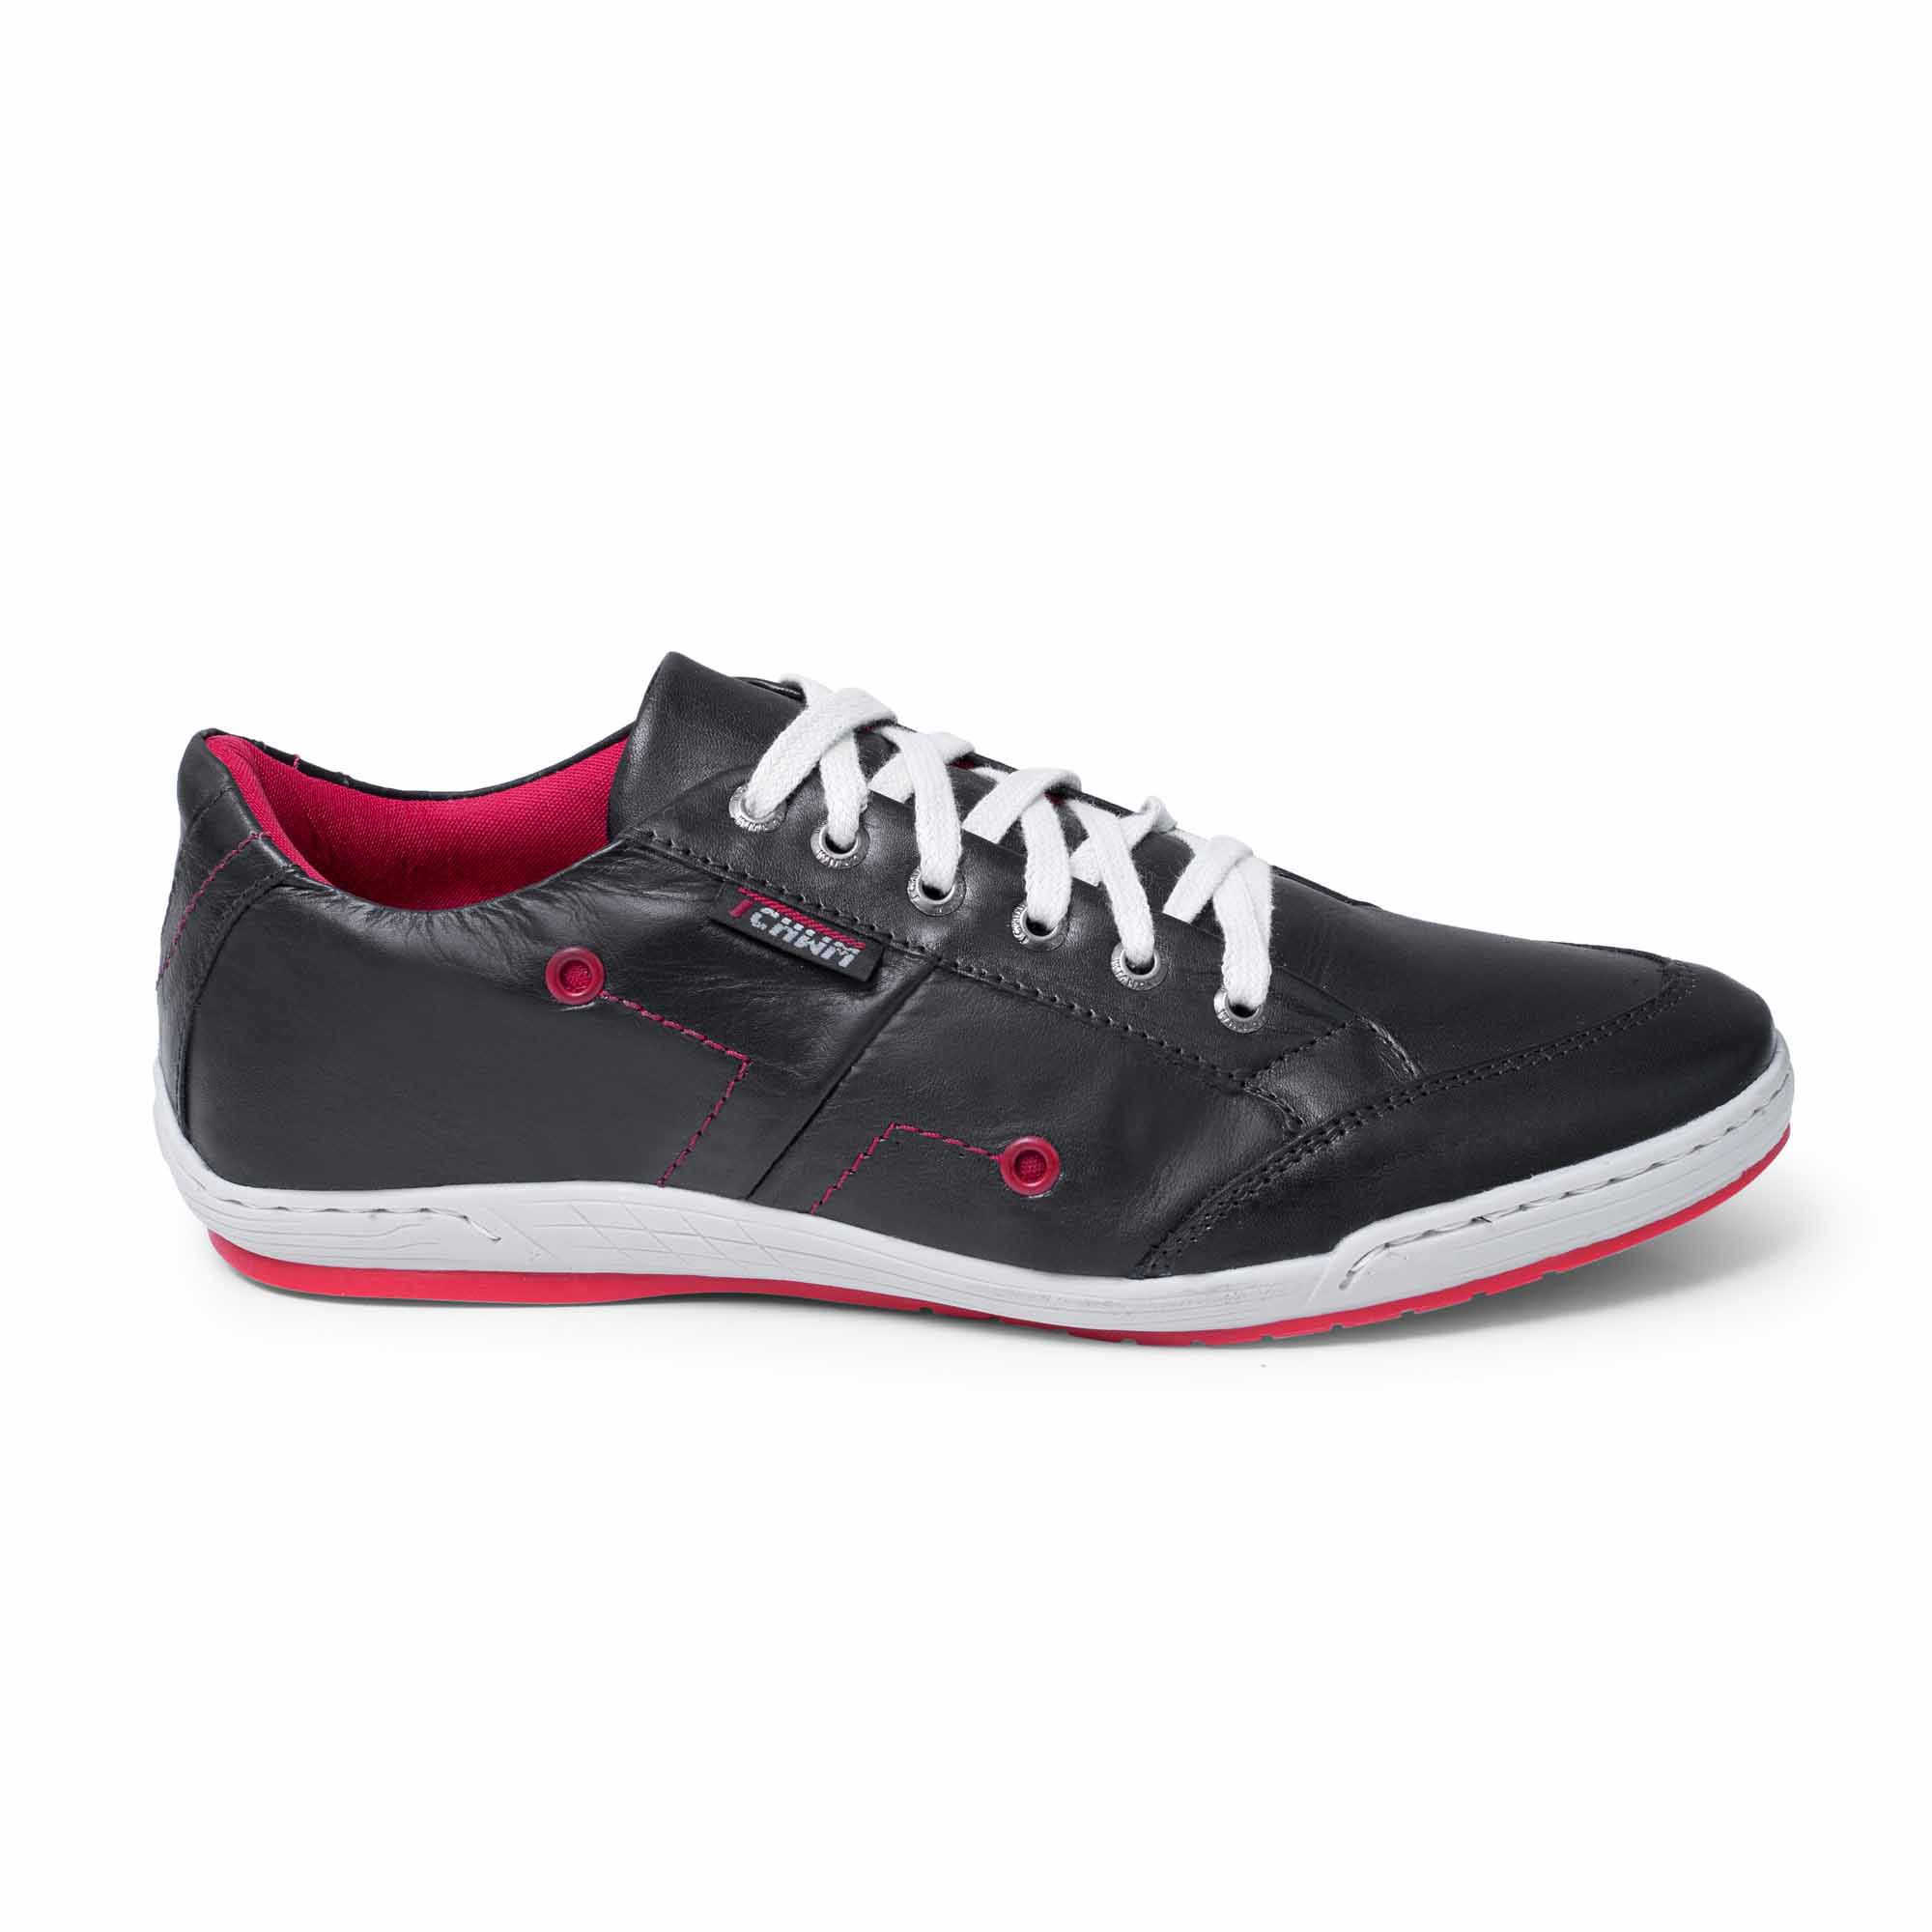 e4d99547d2 Sapatênis Stilo Cadarço Tchwm Shoes Couro Fóssil - Preto